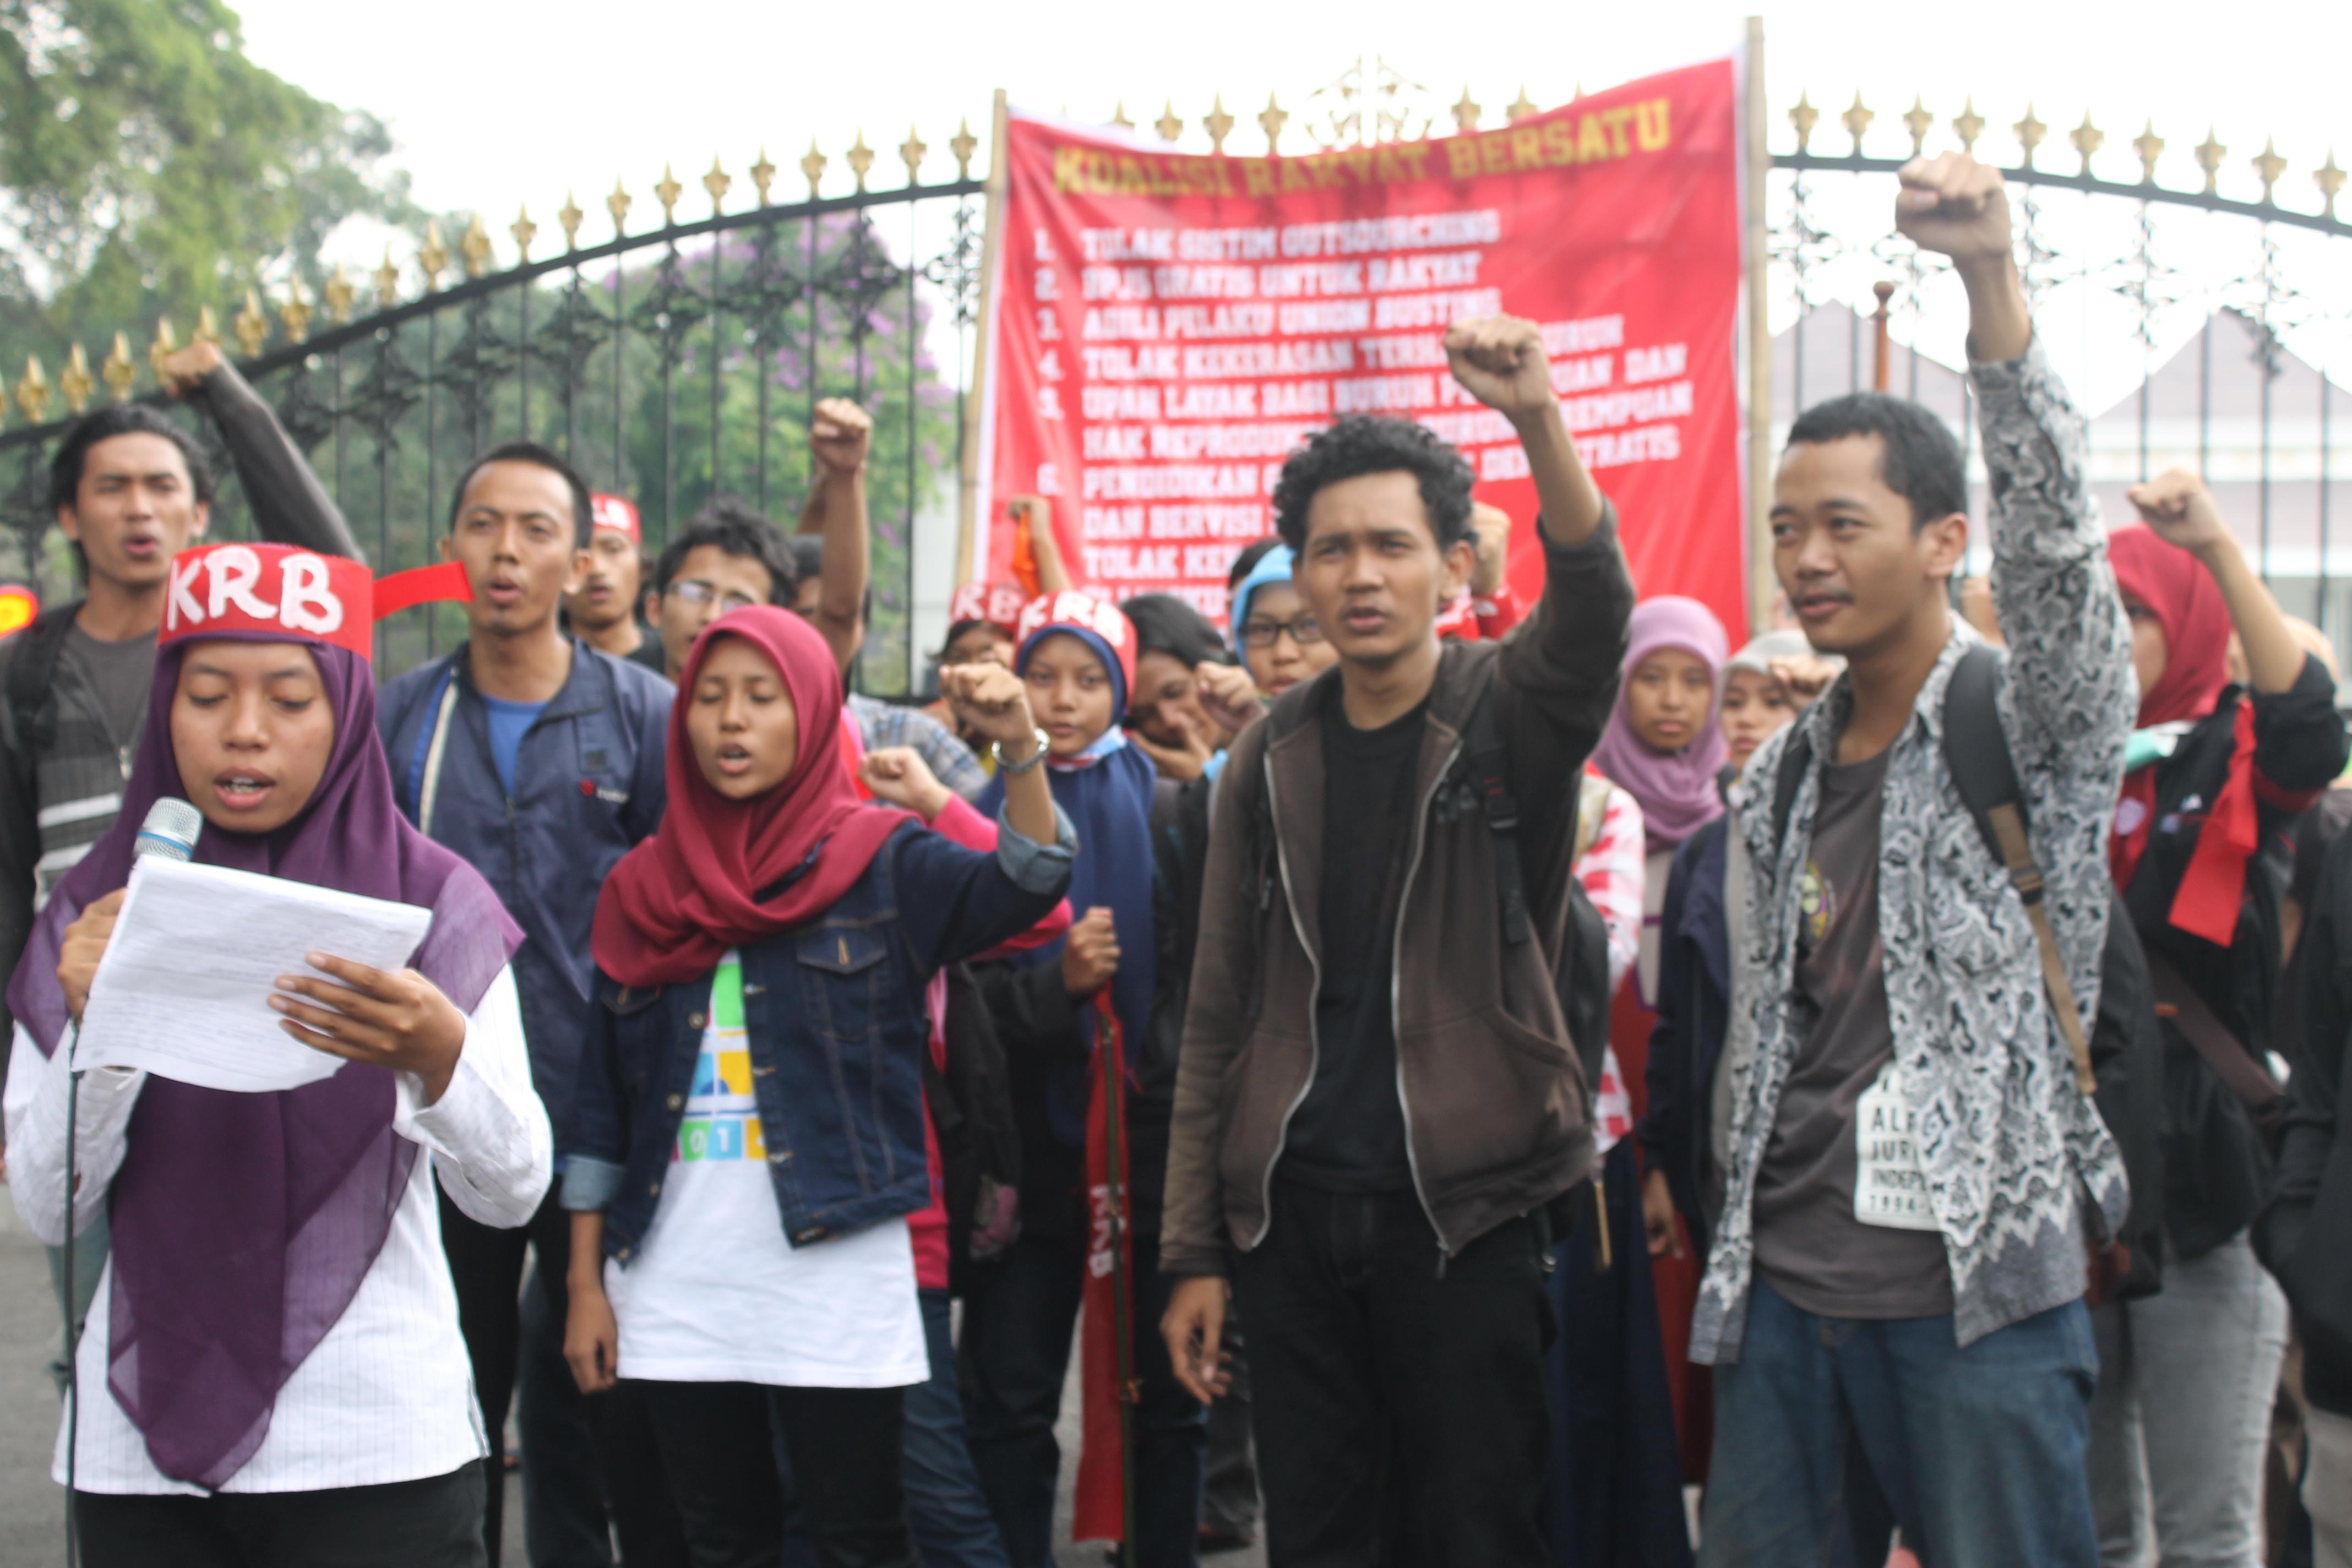 Lembaga Pers Mahasiswa di Yogyakarta sedang menampilkan pembacaan Puisi memperingati Hari Buruh. Foto: Gita/PENDAPA